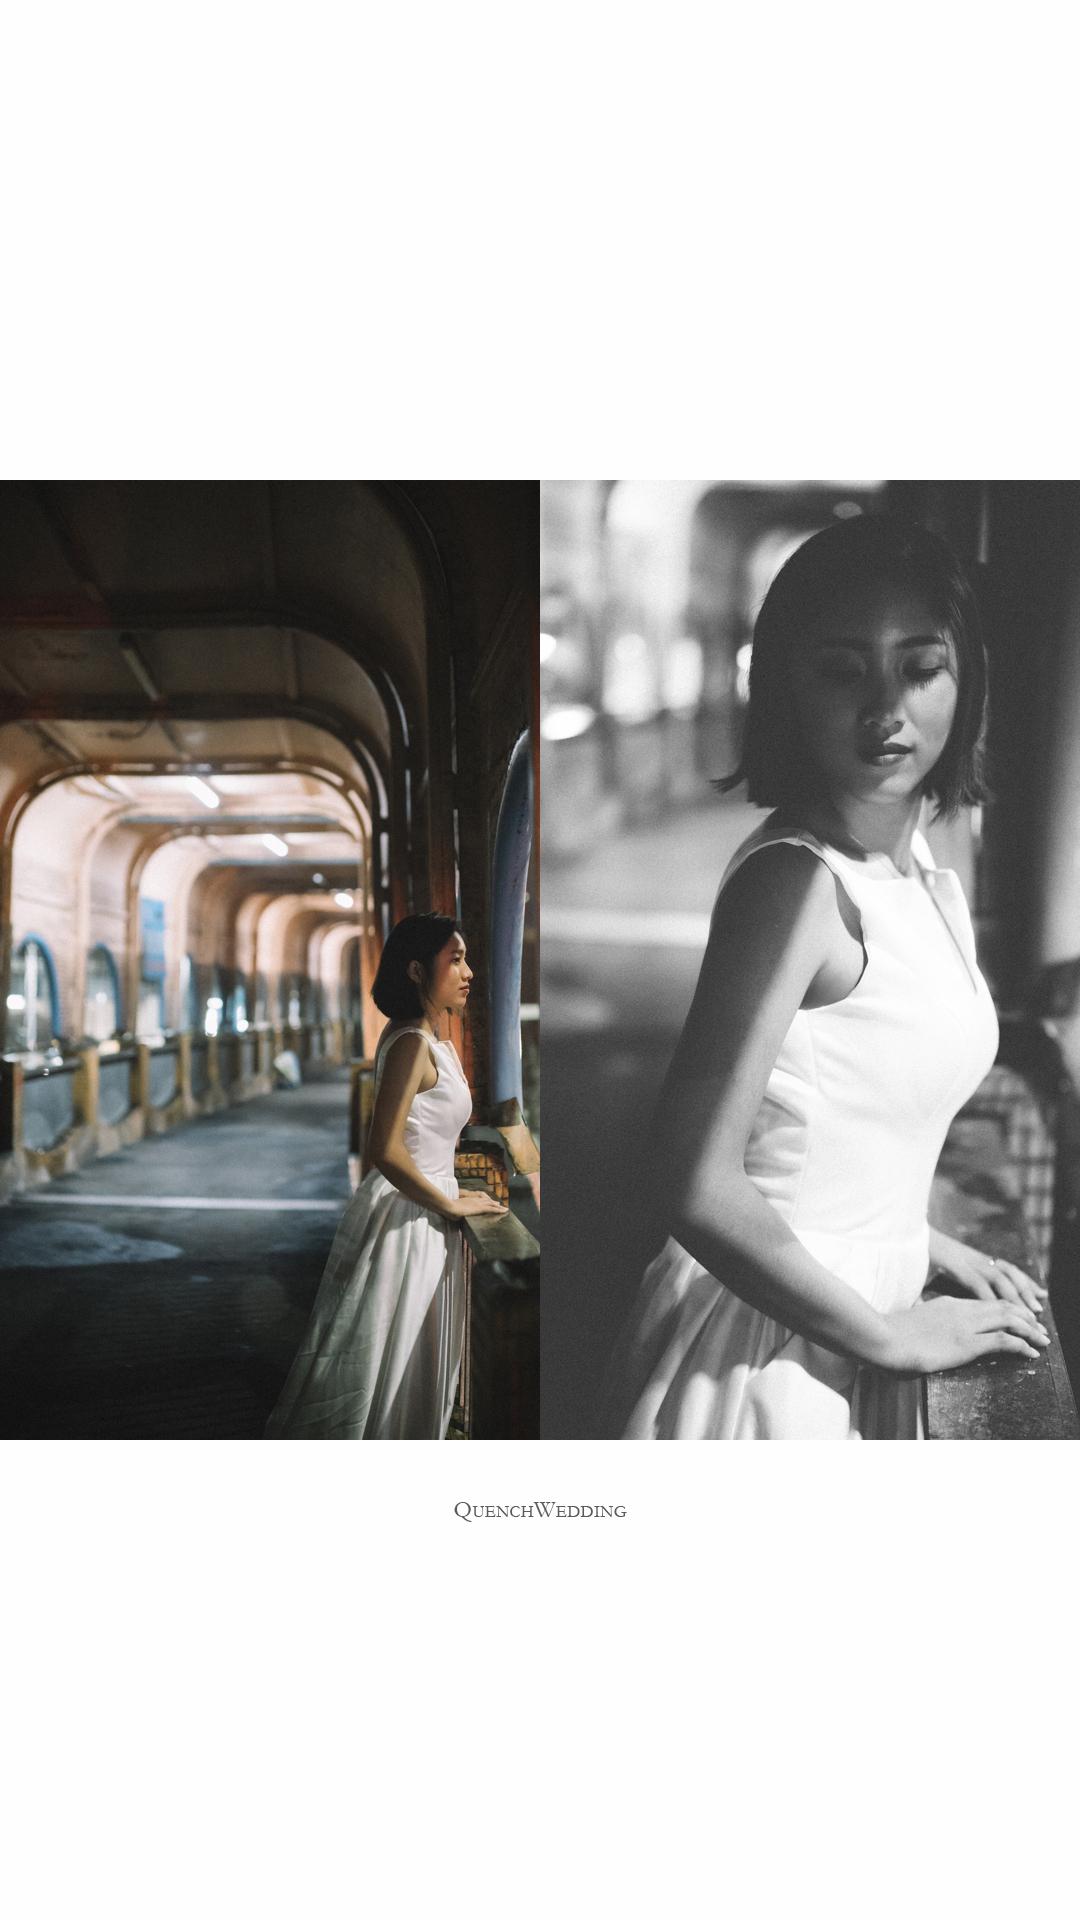 自助婚紗,潮境公園,婚攝推薦,婚攝,婚紗